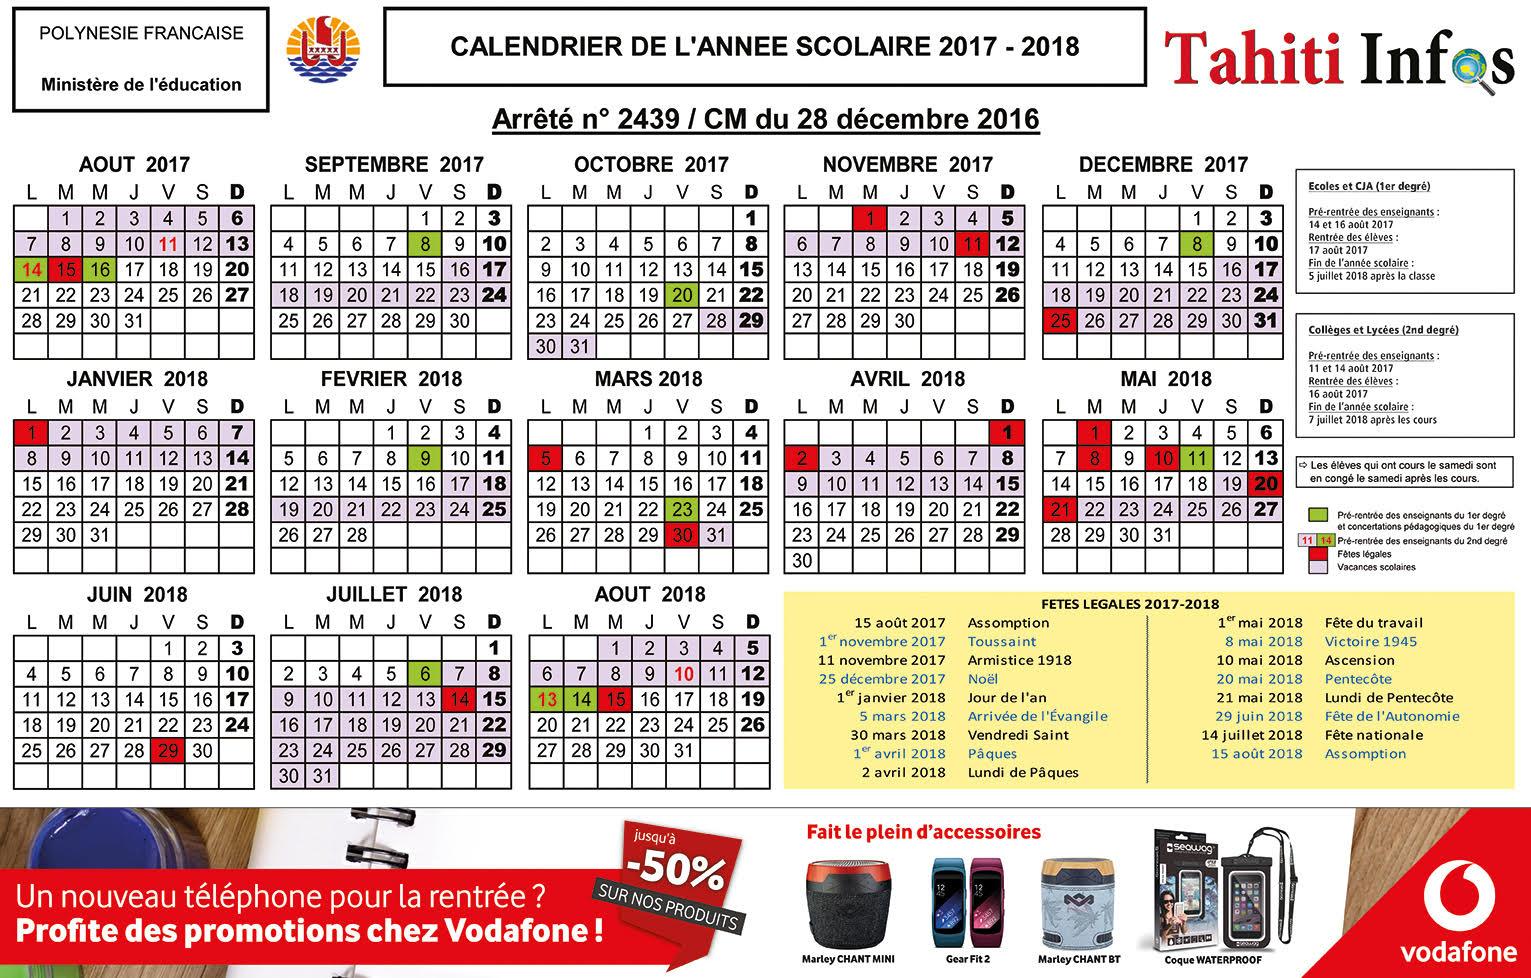 Votre calendrier scolaire 2017/2018 à télécharger